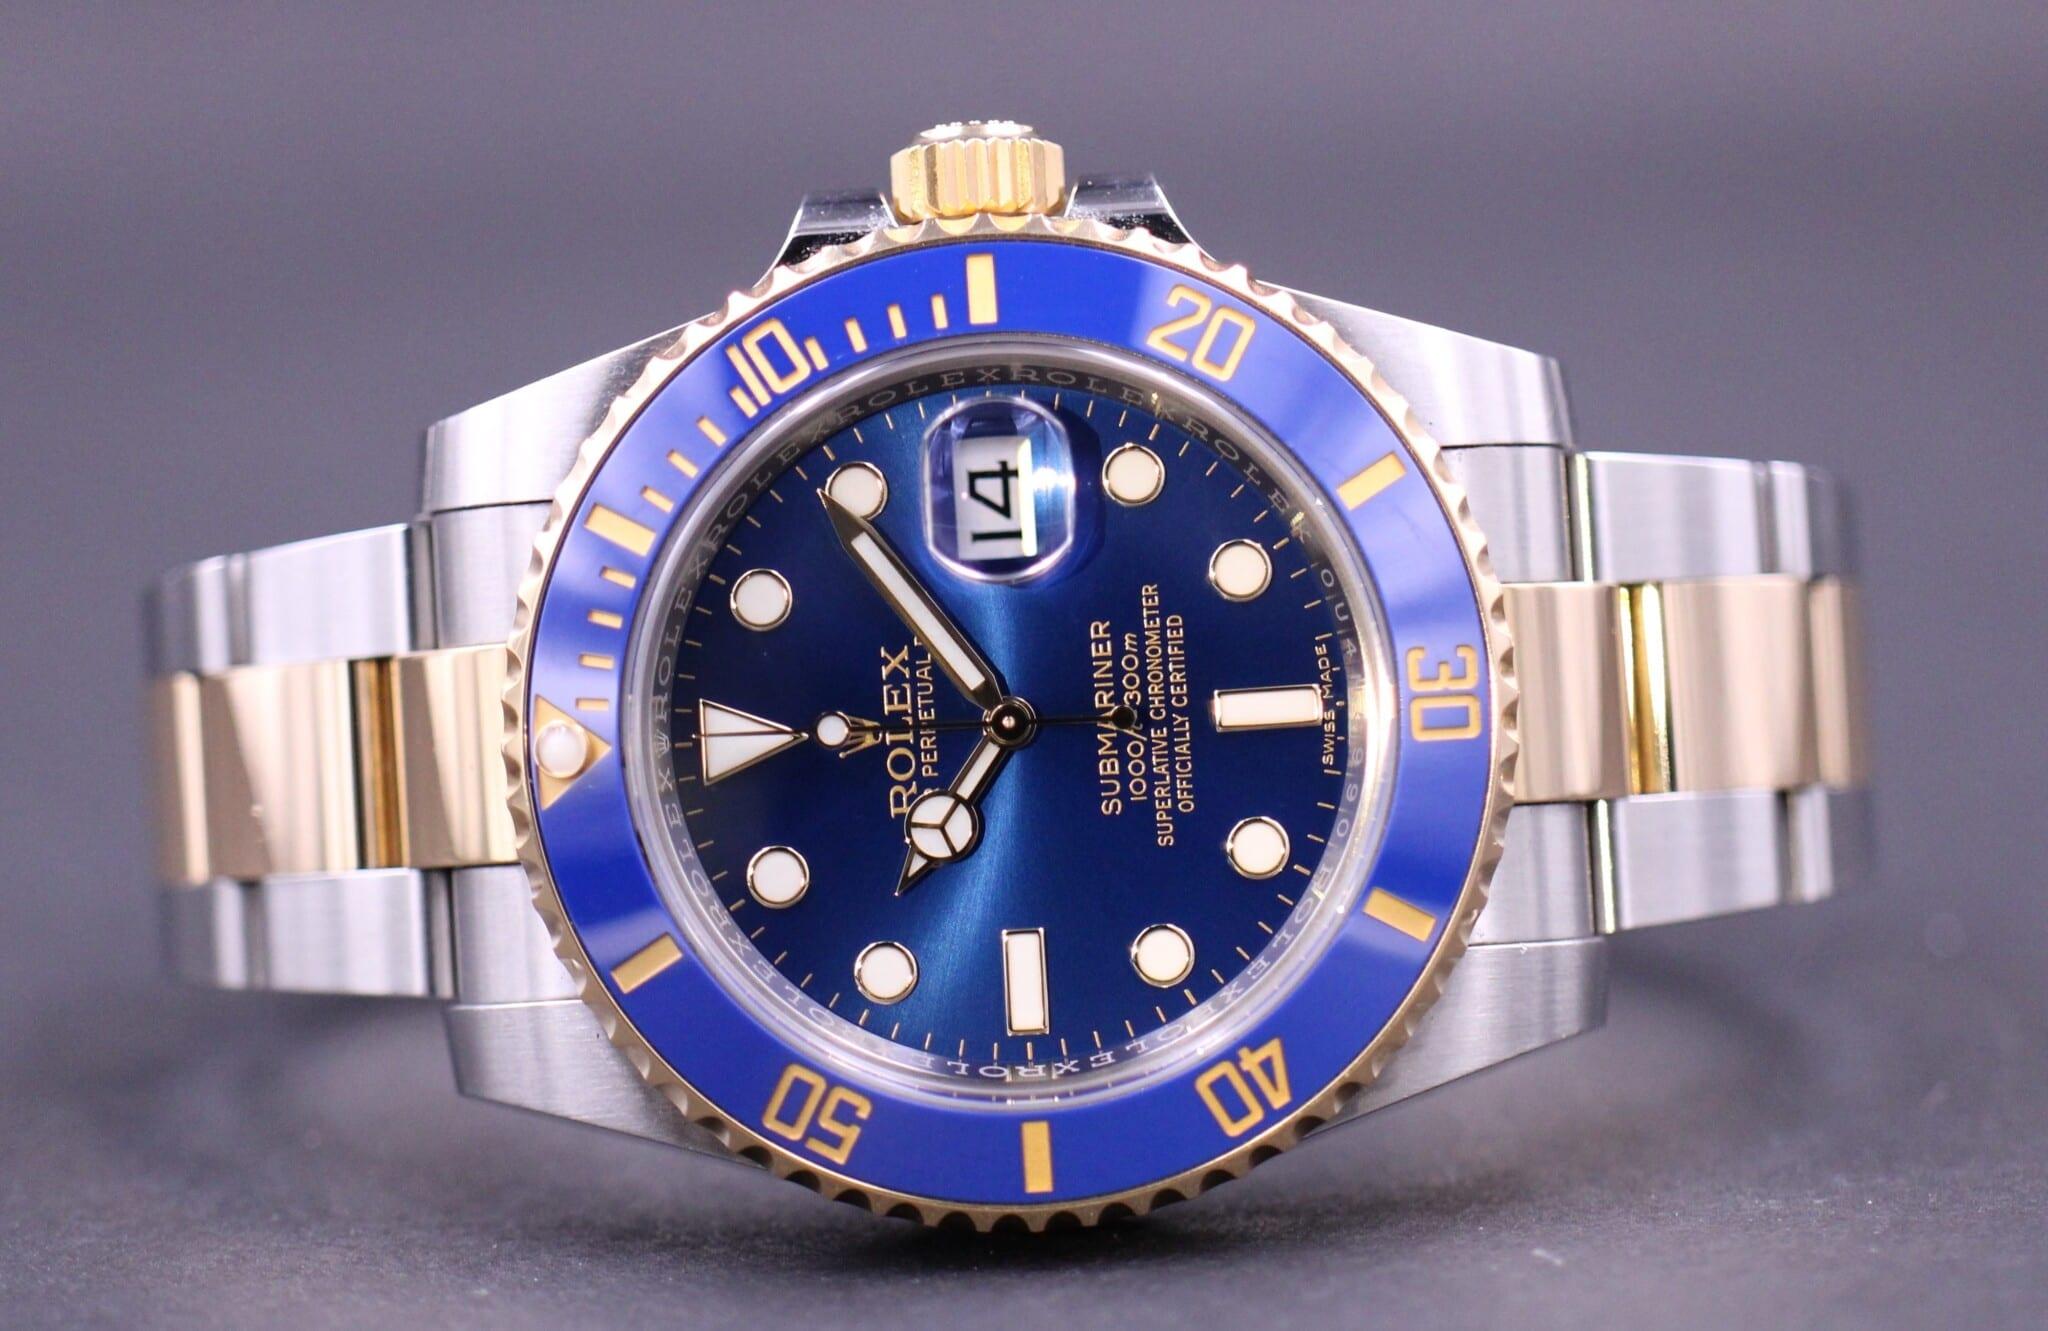 9ca527887ea 84.000,00 DKK. Mærke: Rolex Model: Submariner ...